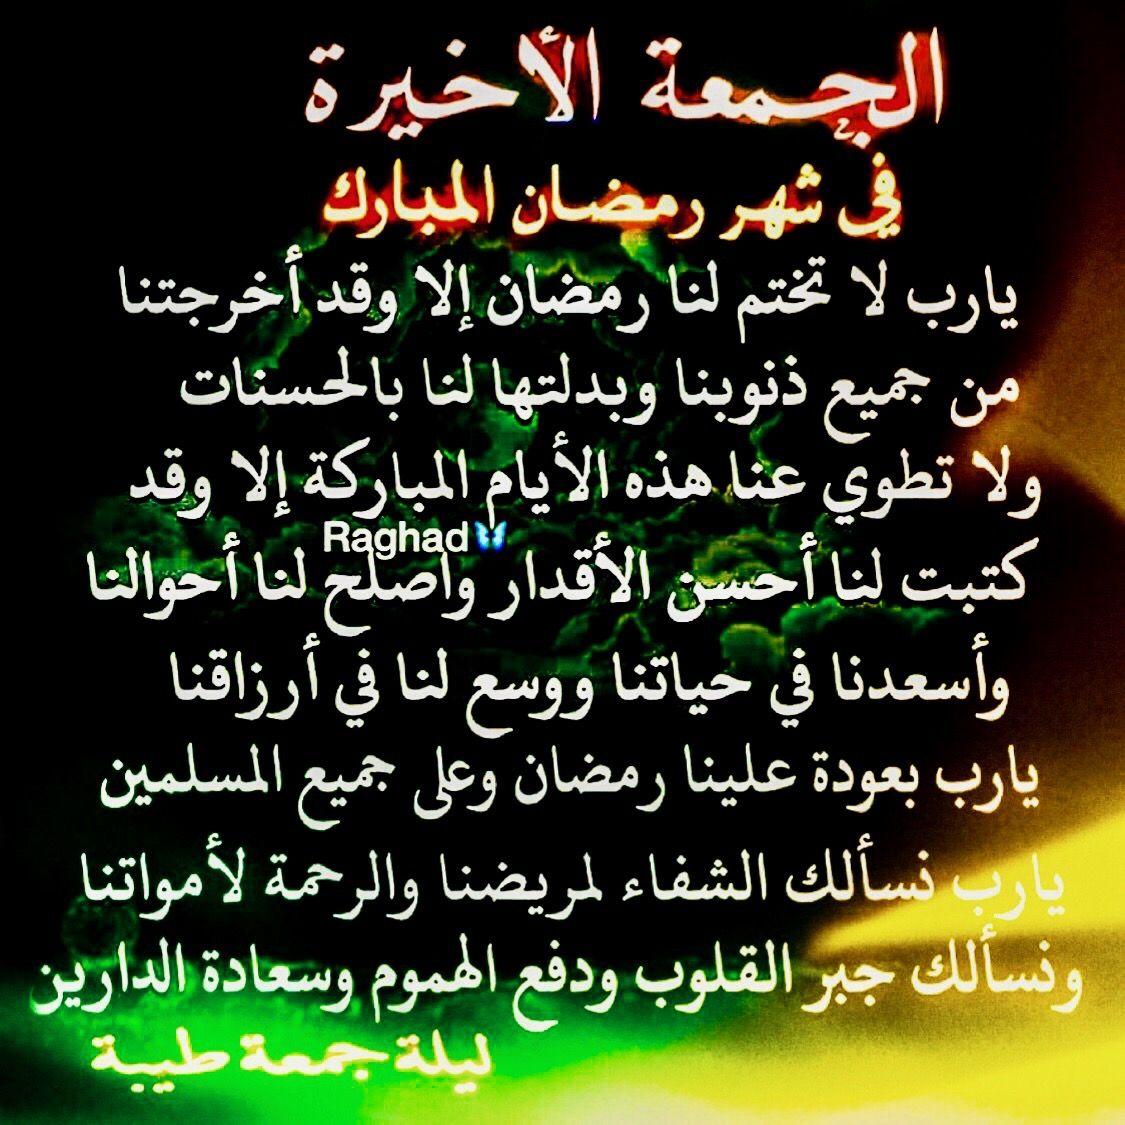 Desertrose ربي إنها الجمعة الأخيرة من شهر رمضان المبارك فاكتب لنا فيها ماتتمناه قلوبنا اللهم ارزقنا برد عفوك وحلاوة حبك ال Ramadan Ramadan Kareem Islam